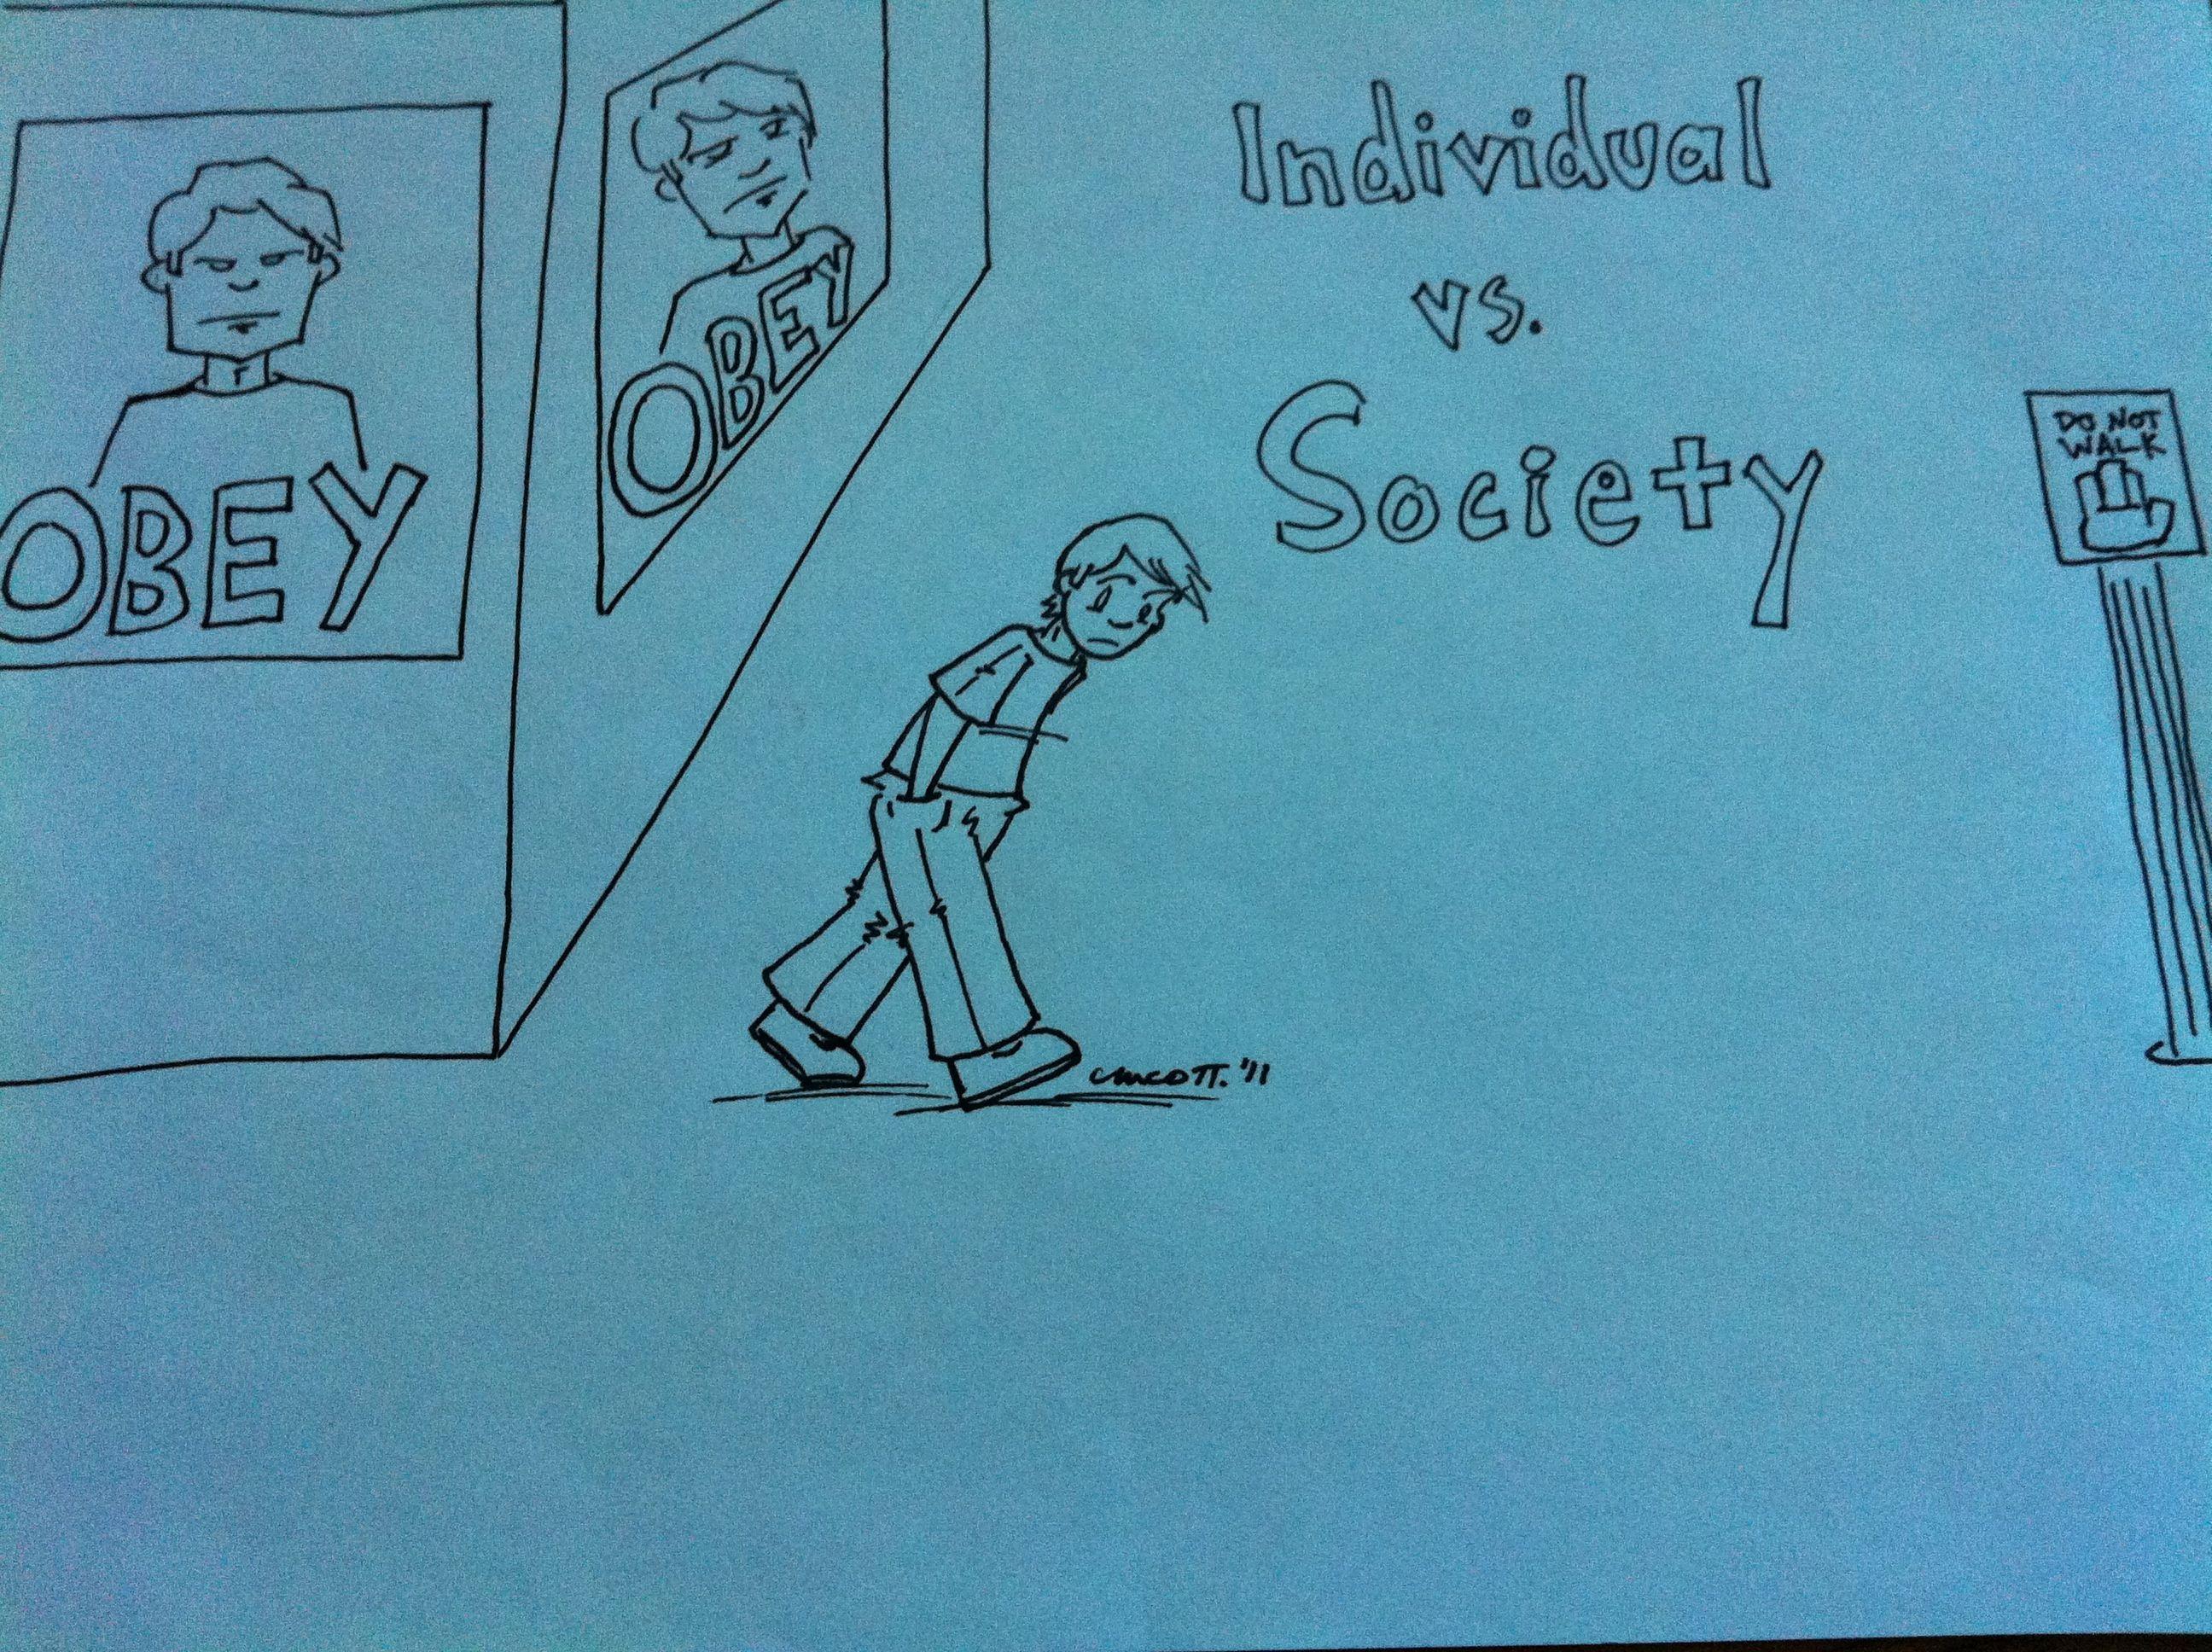 Individual vs society essay